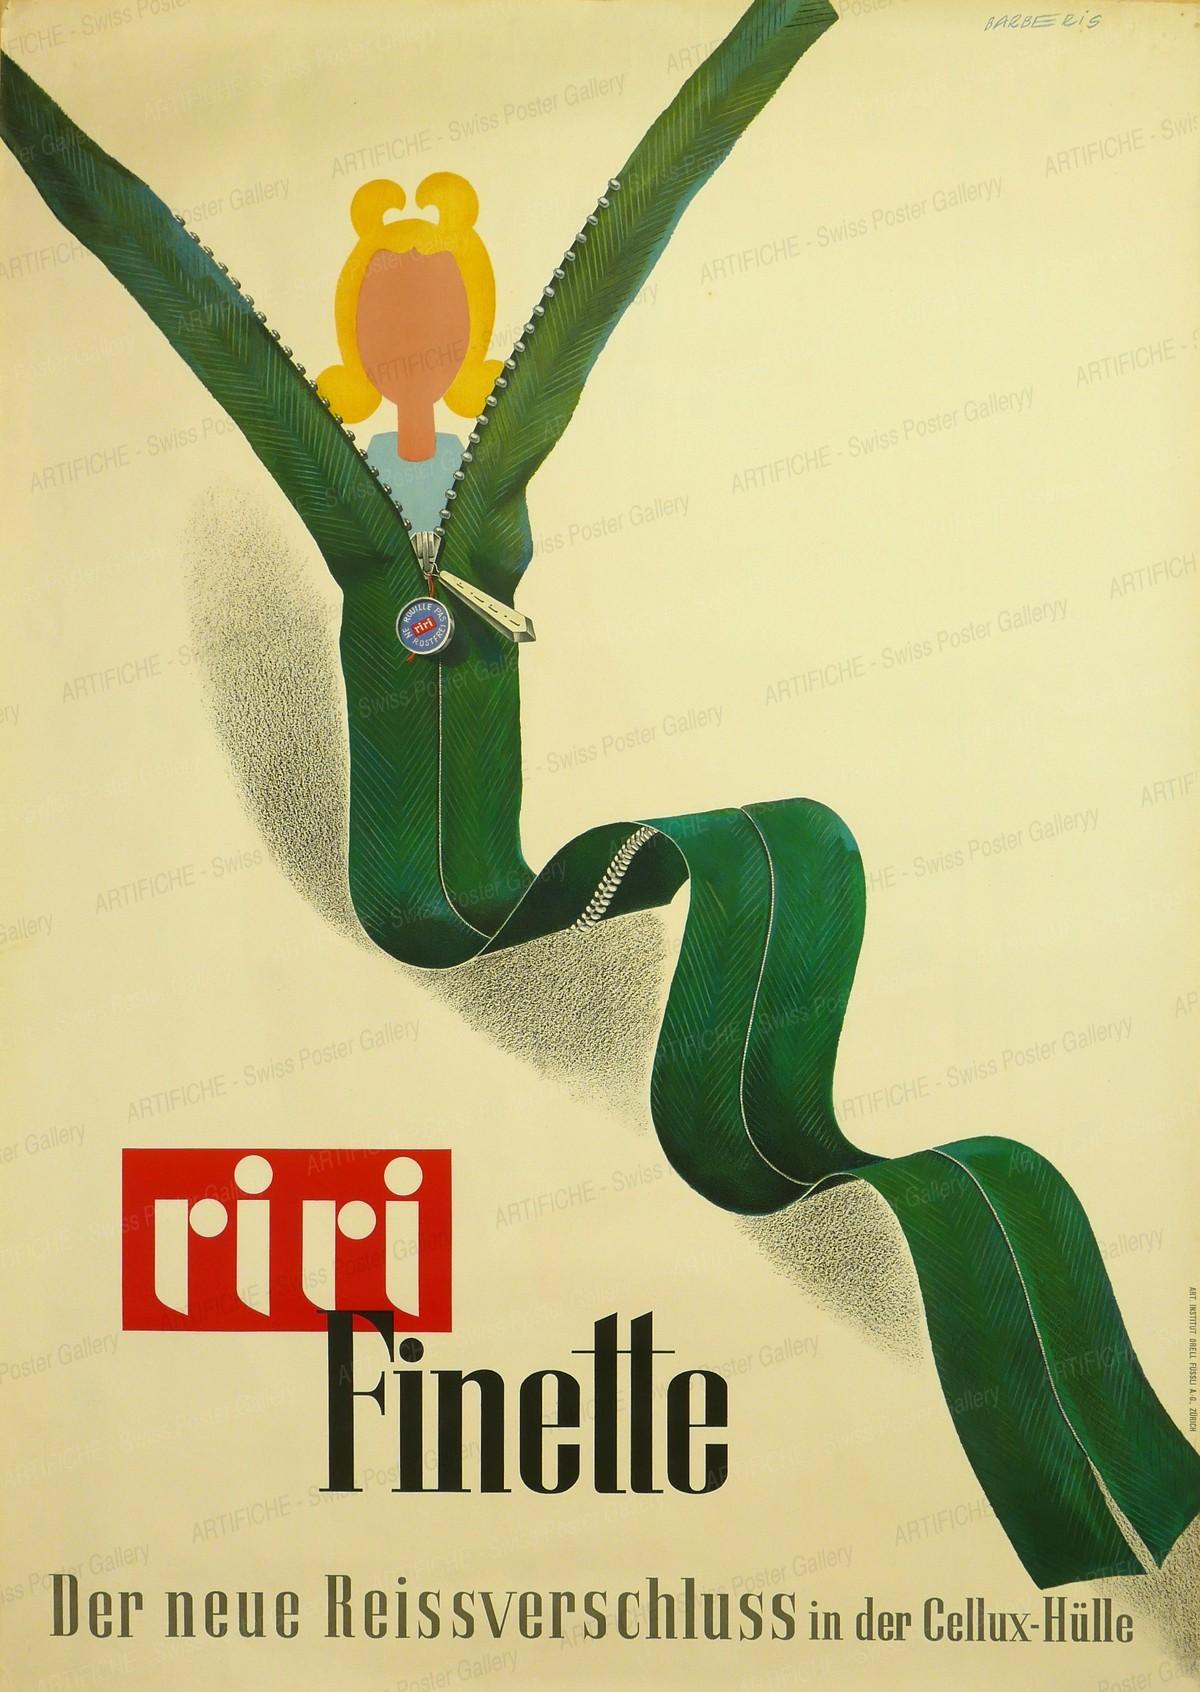 riri Finette – Der neue Reissverschluss in der Cellux-Hülle, Franco Barberis